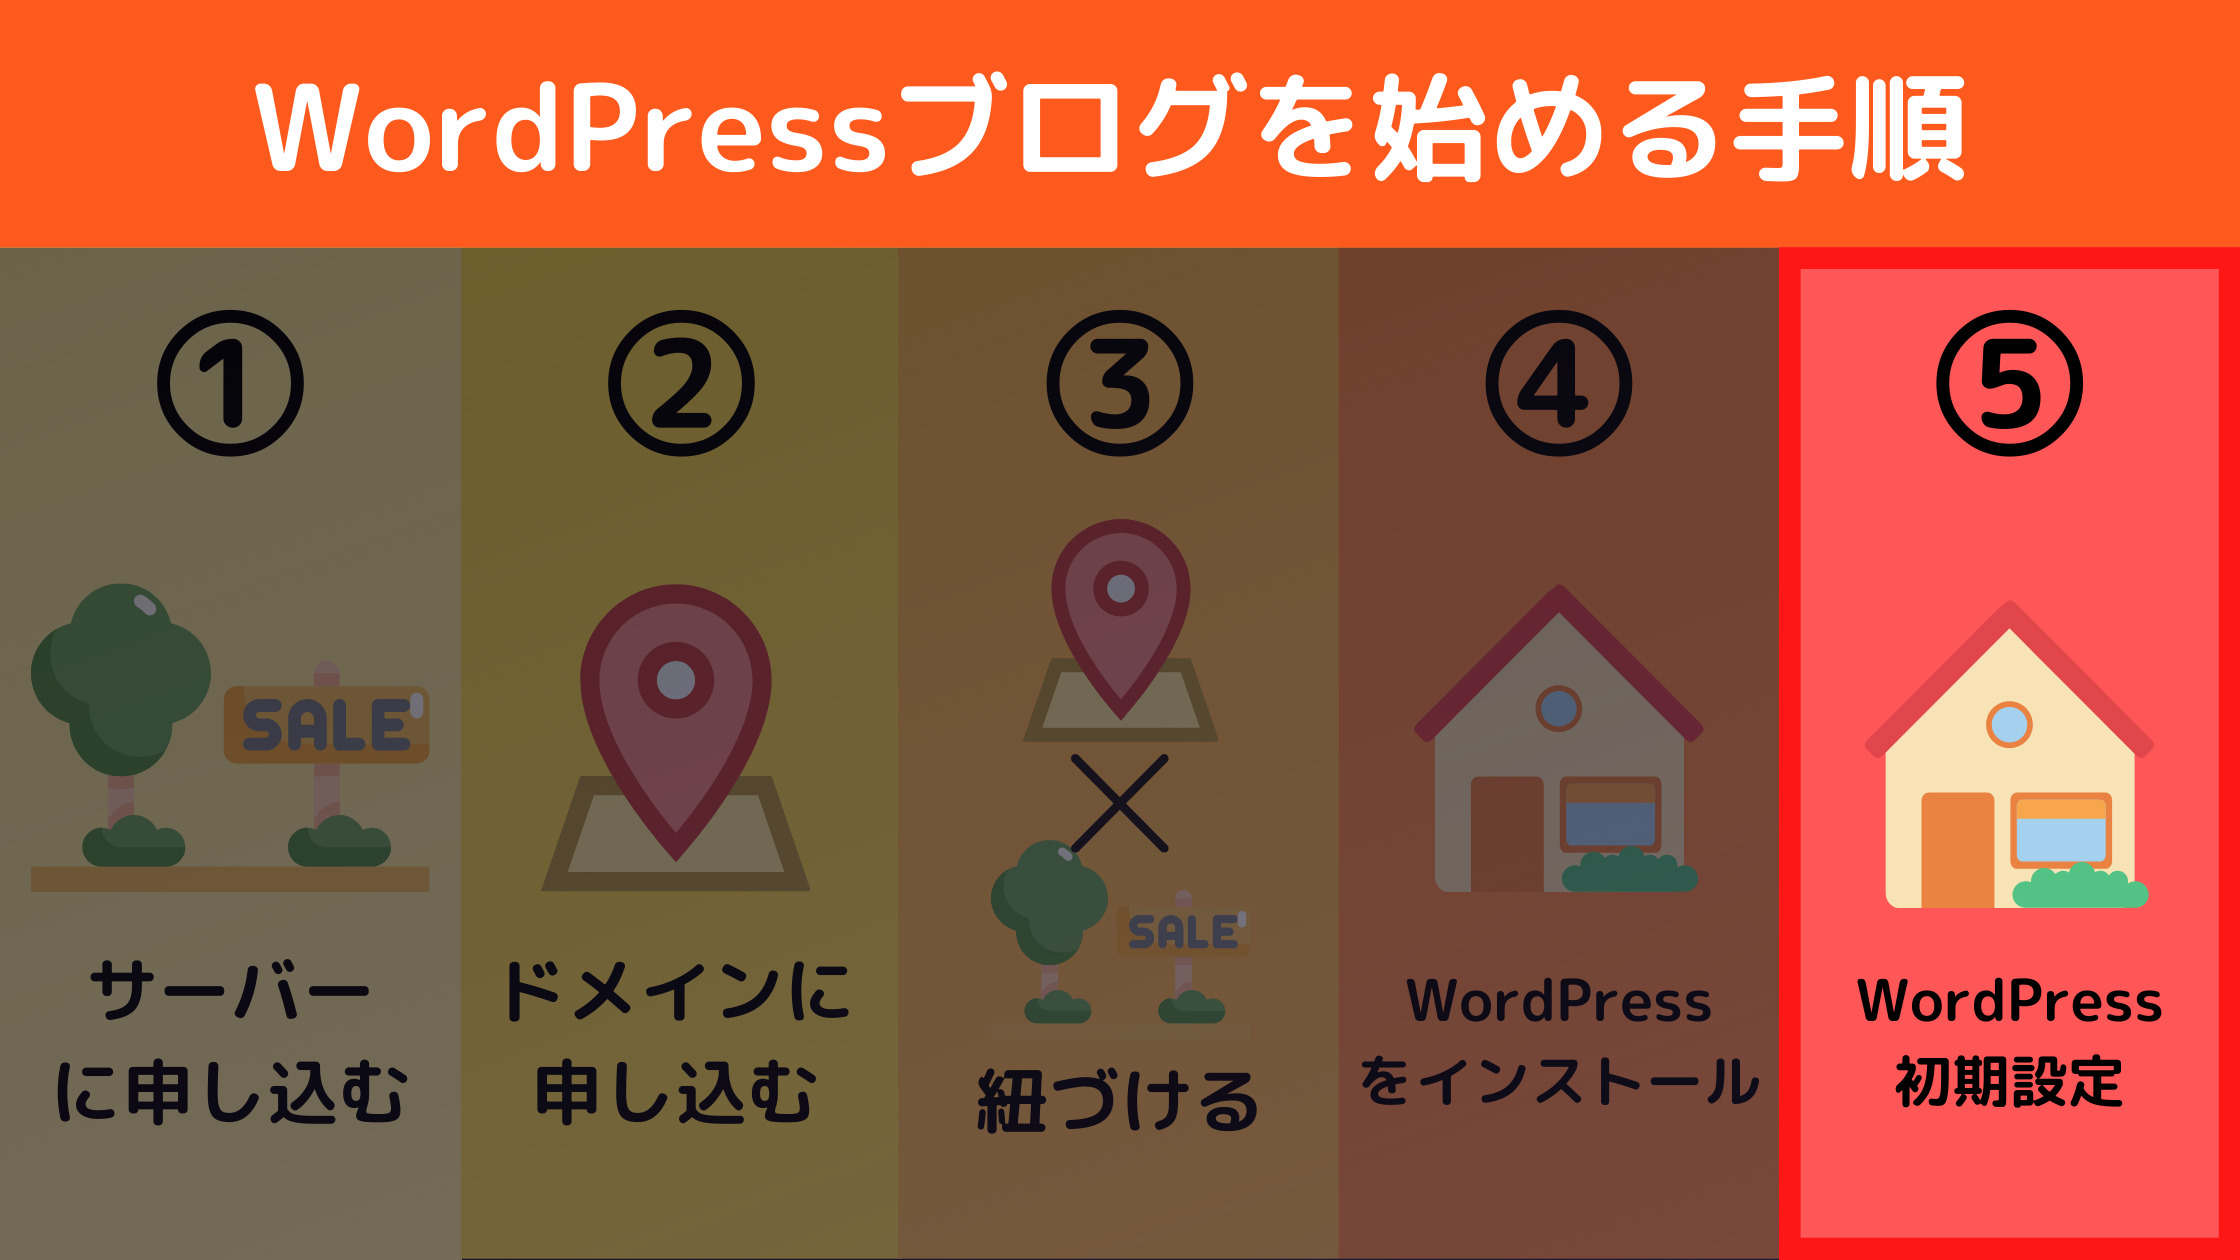 WordPressブログを始めたら行う初期設定7選